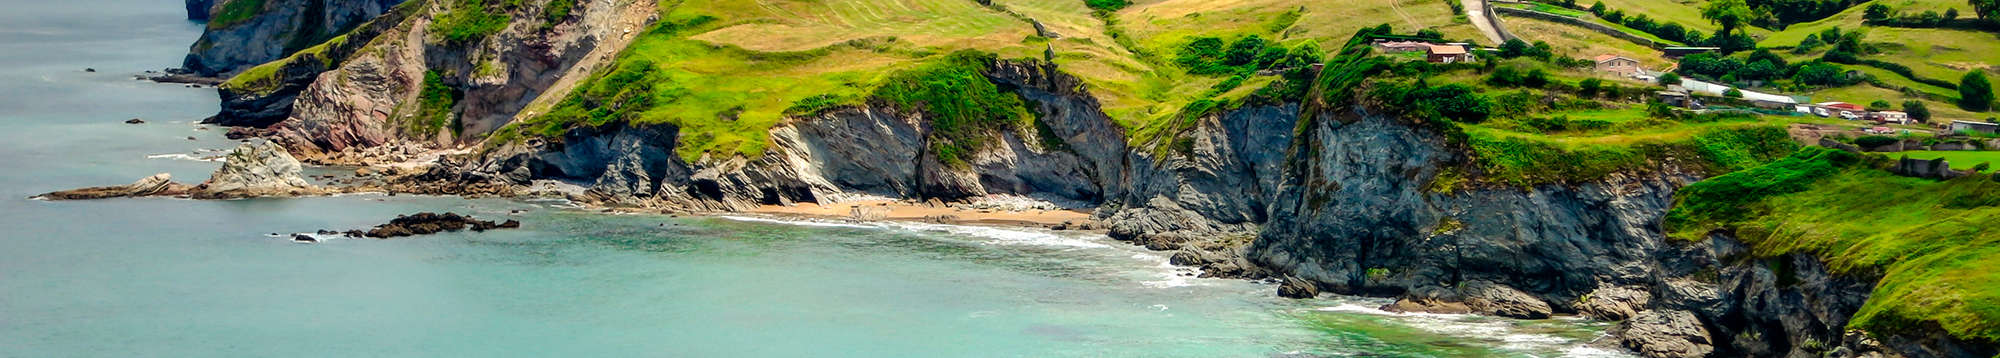 Escapadas fin de semana en Costa Verde